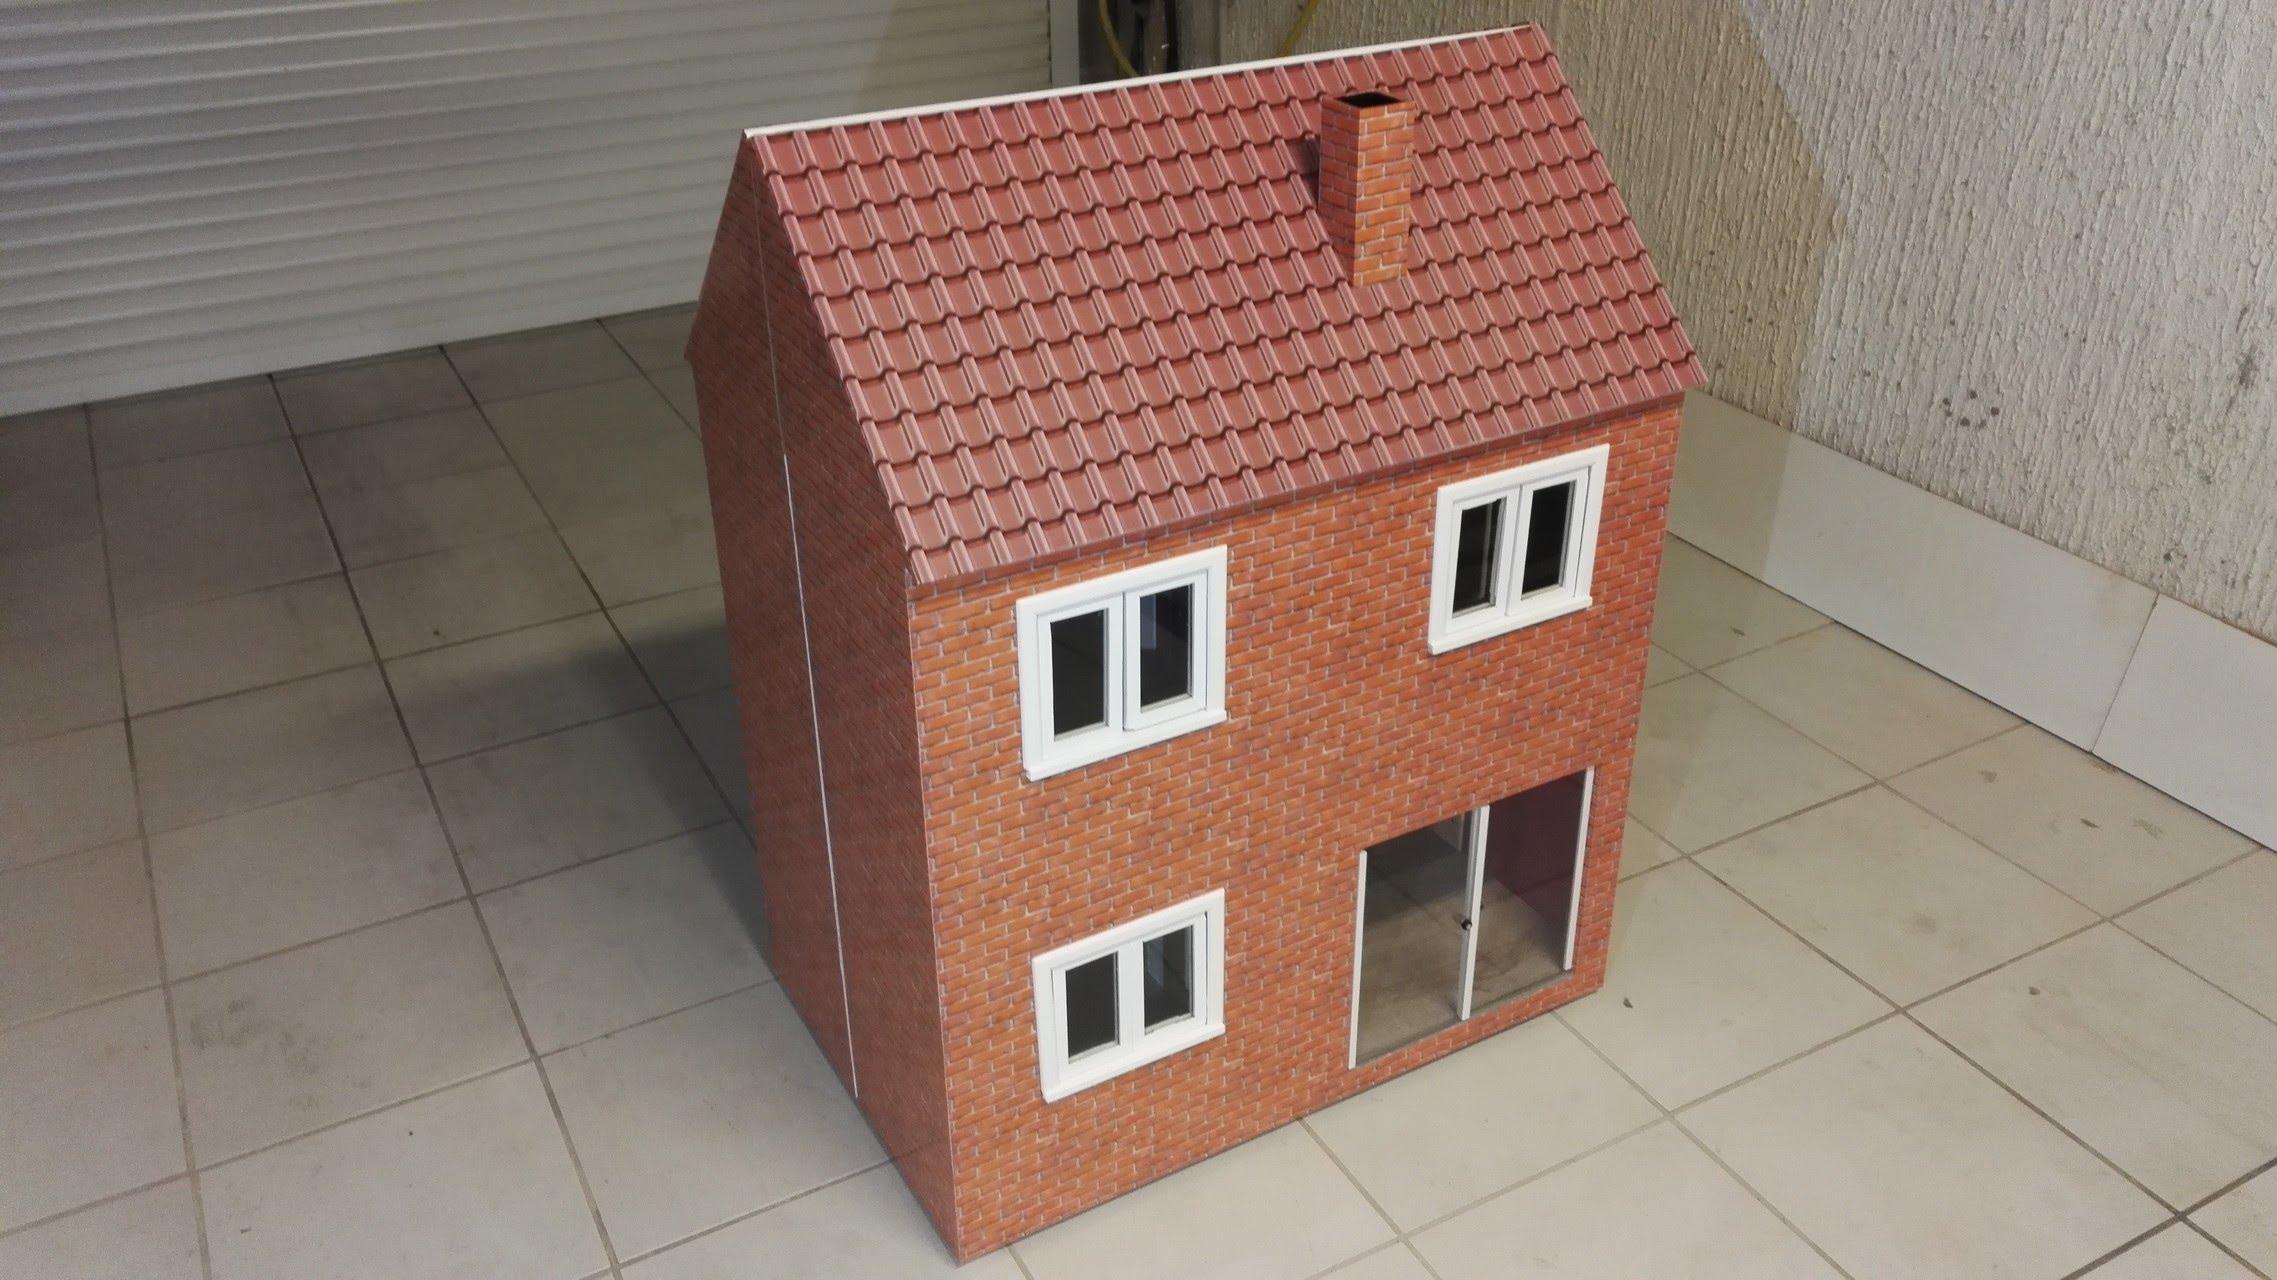 Plan de maison de poupee barbie id es de travaux - Plan de maison de barbie ...